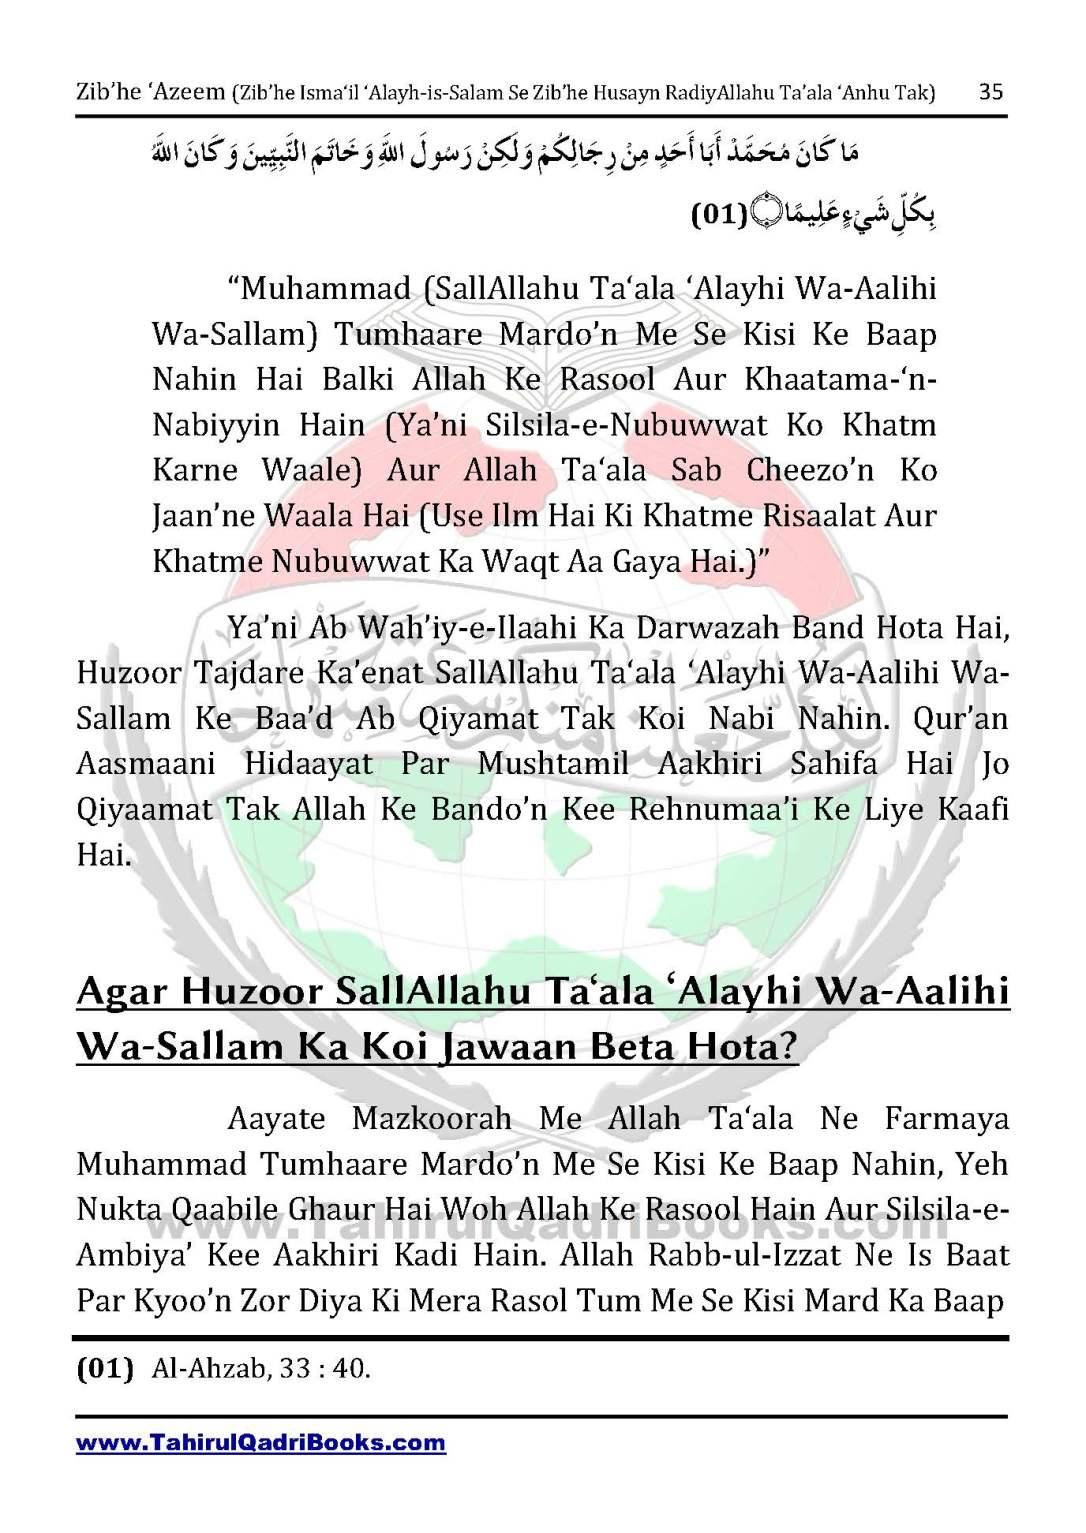 zib_he-e28098azeem-zib_he-ismacabbil-se-zib_he-husayn-tak-in-roman-urdu-unlocked_Page_035